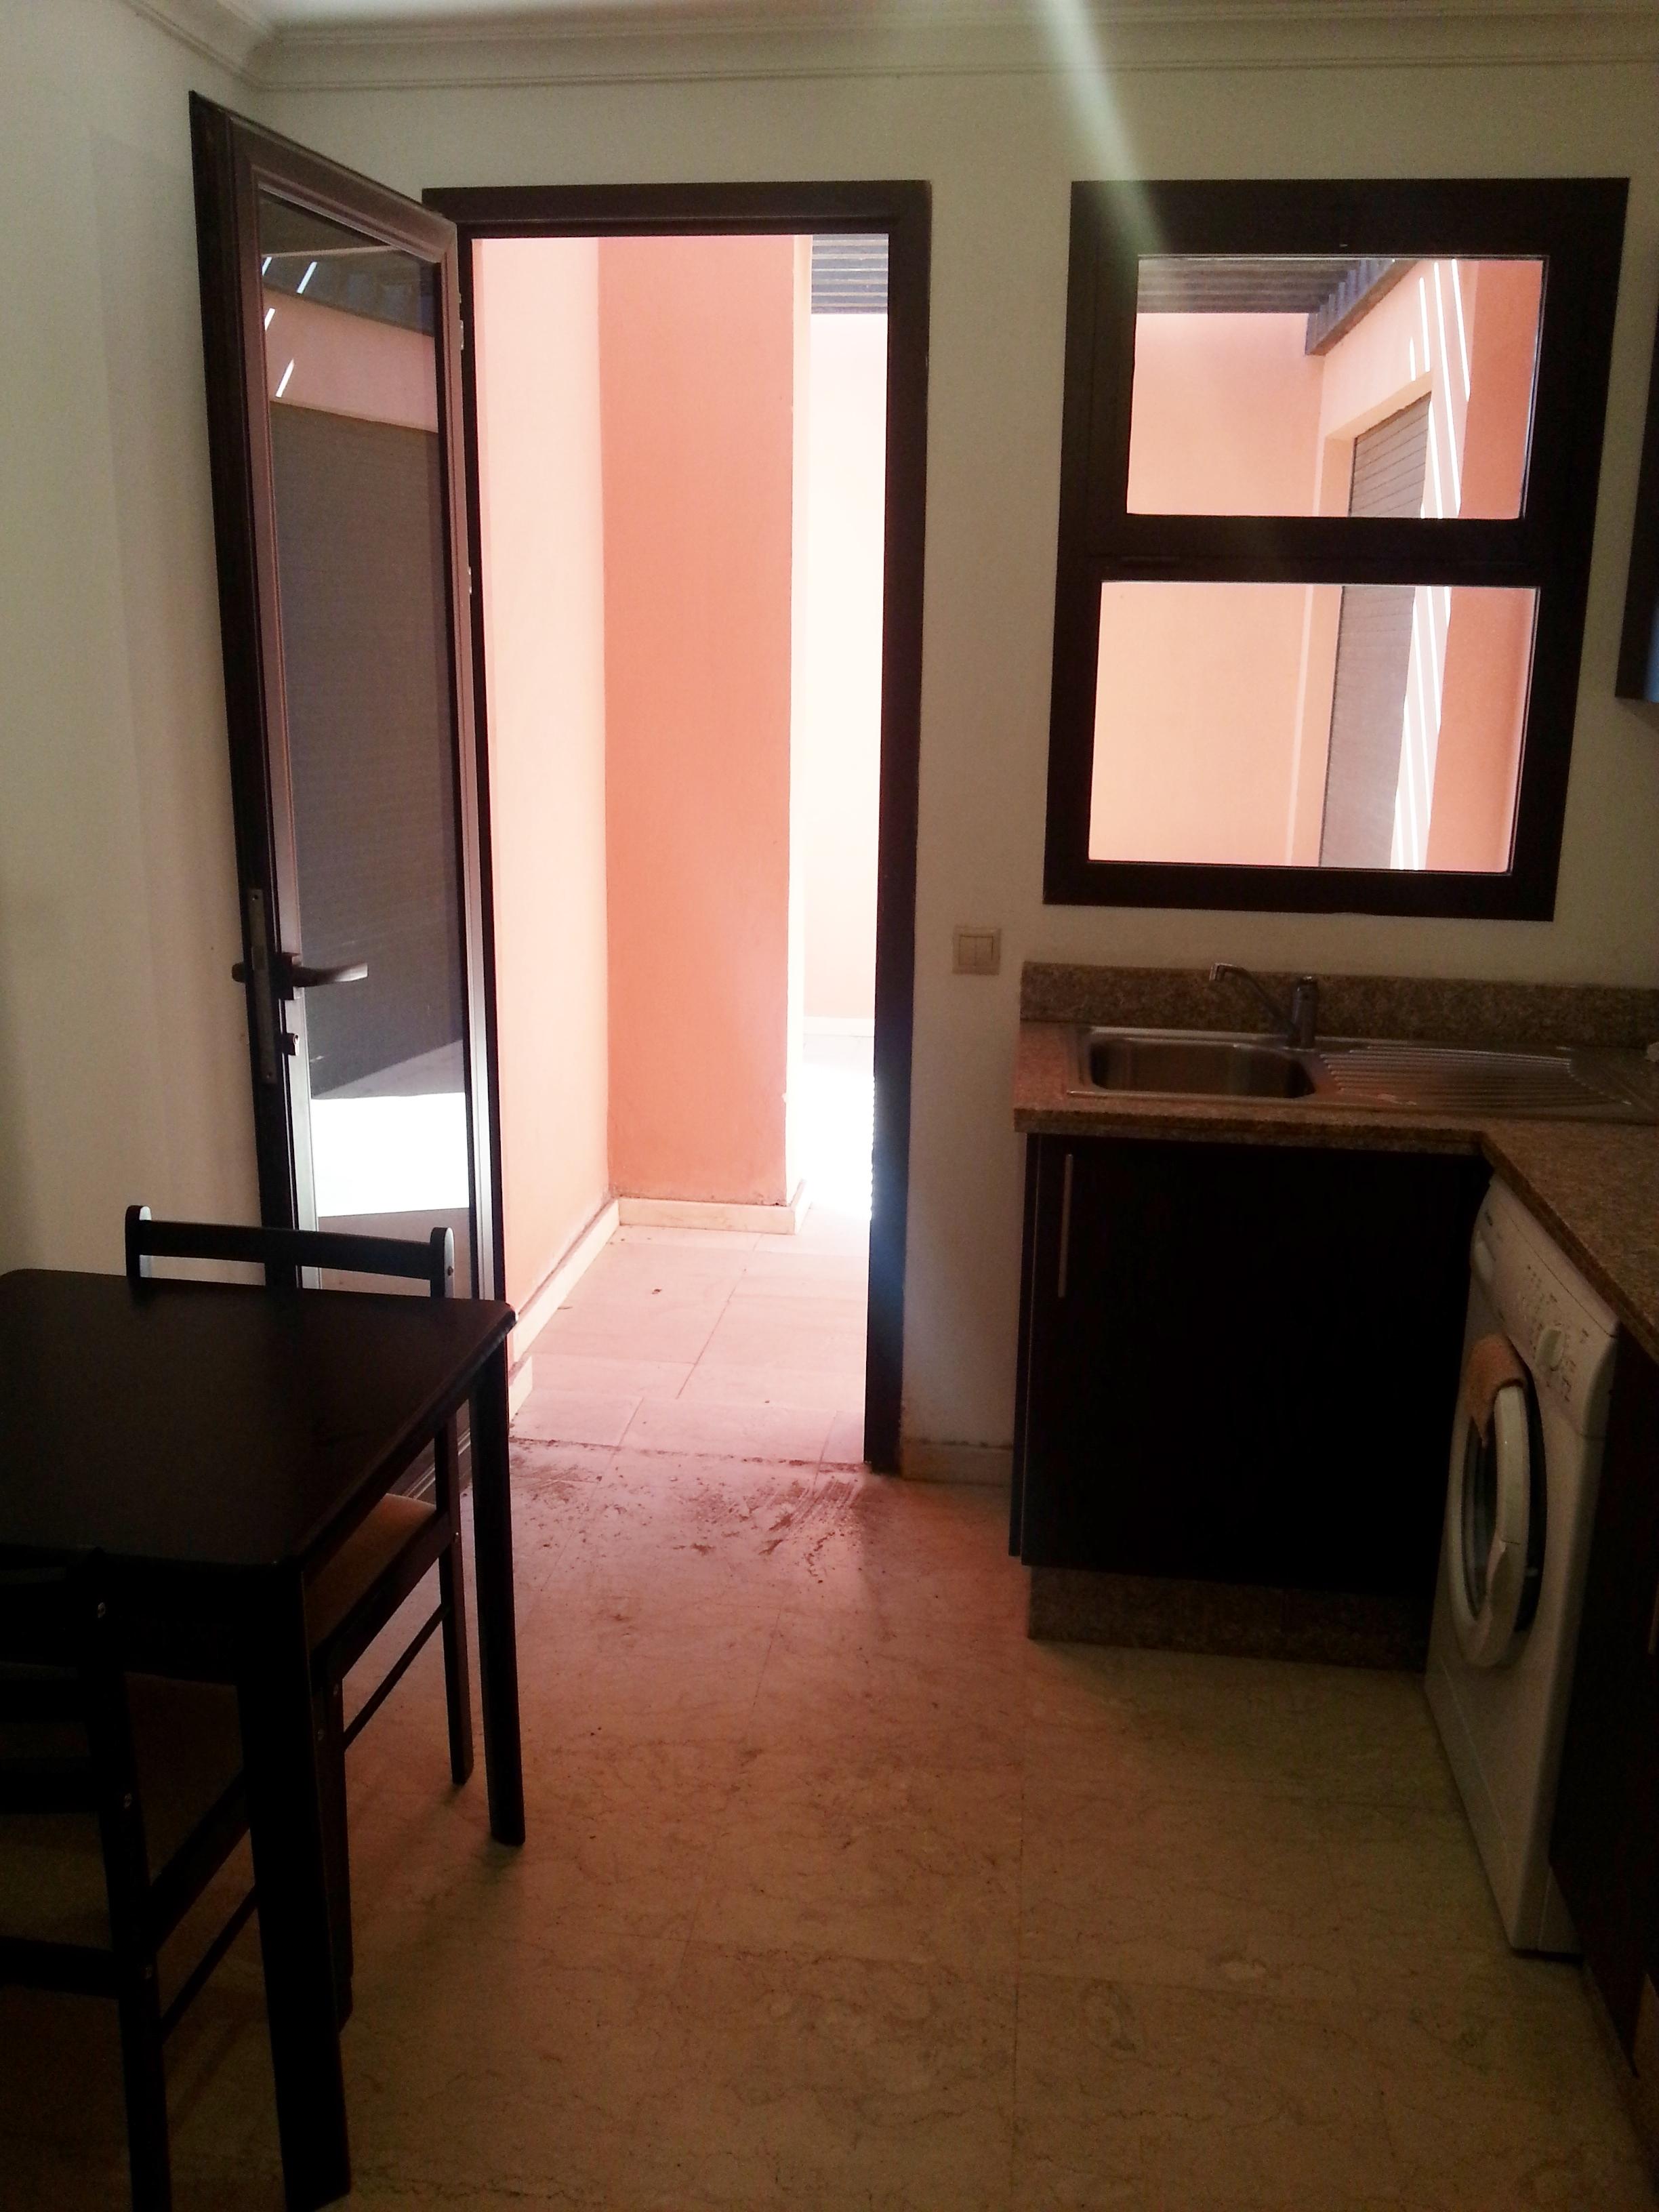 Verkoop 4 slaapkamers marrakech marrakech marokko gueliz - Slaapkamer marokko ...